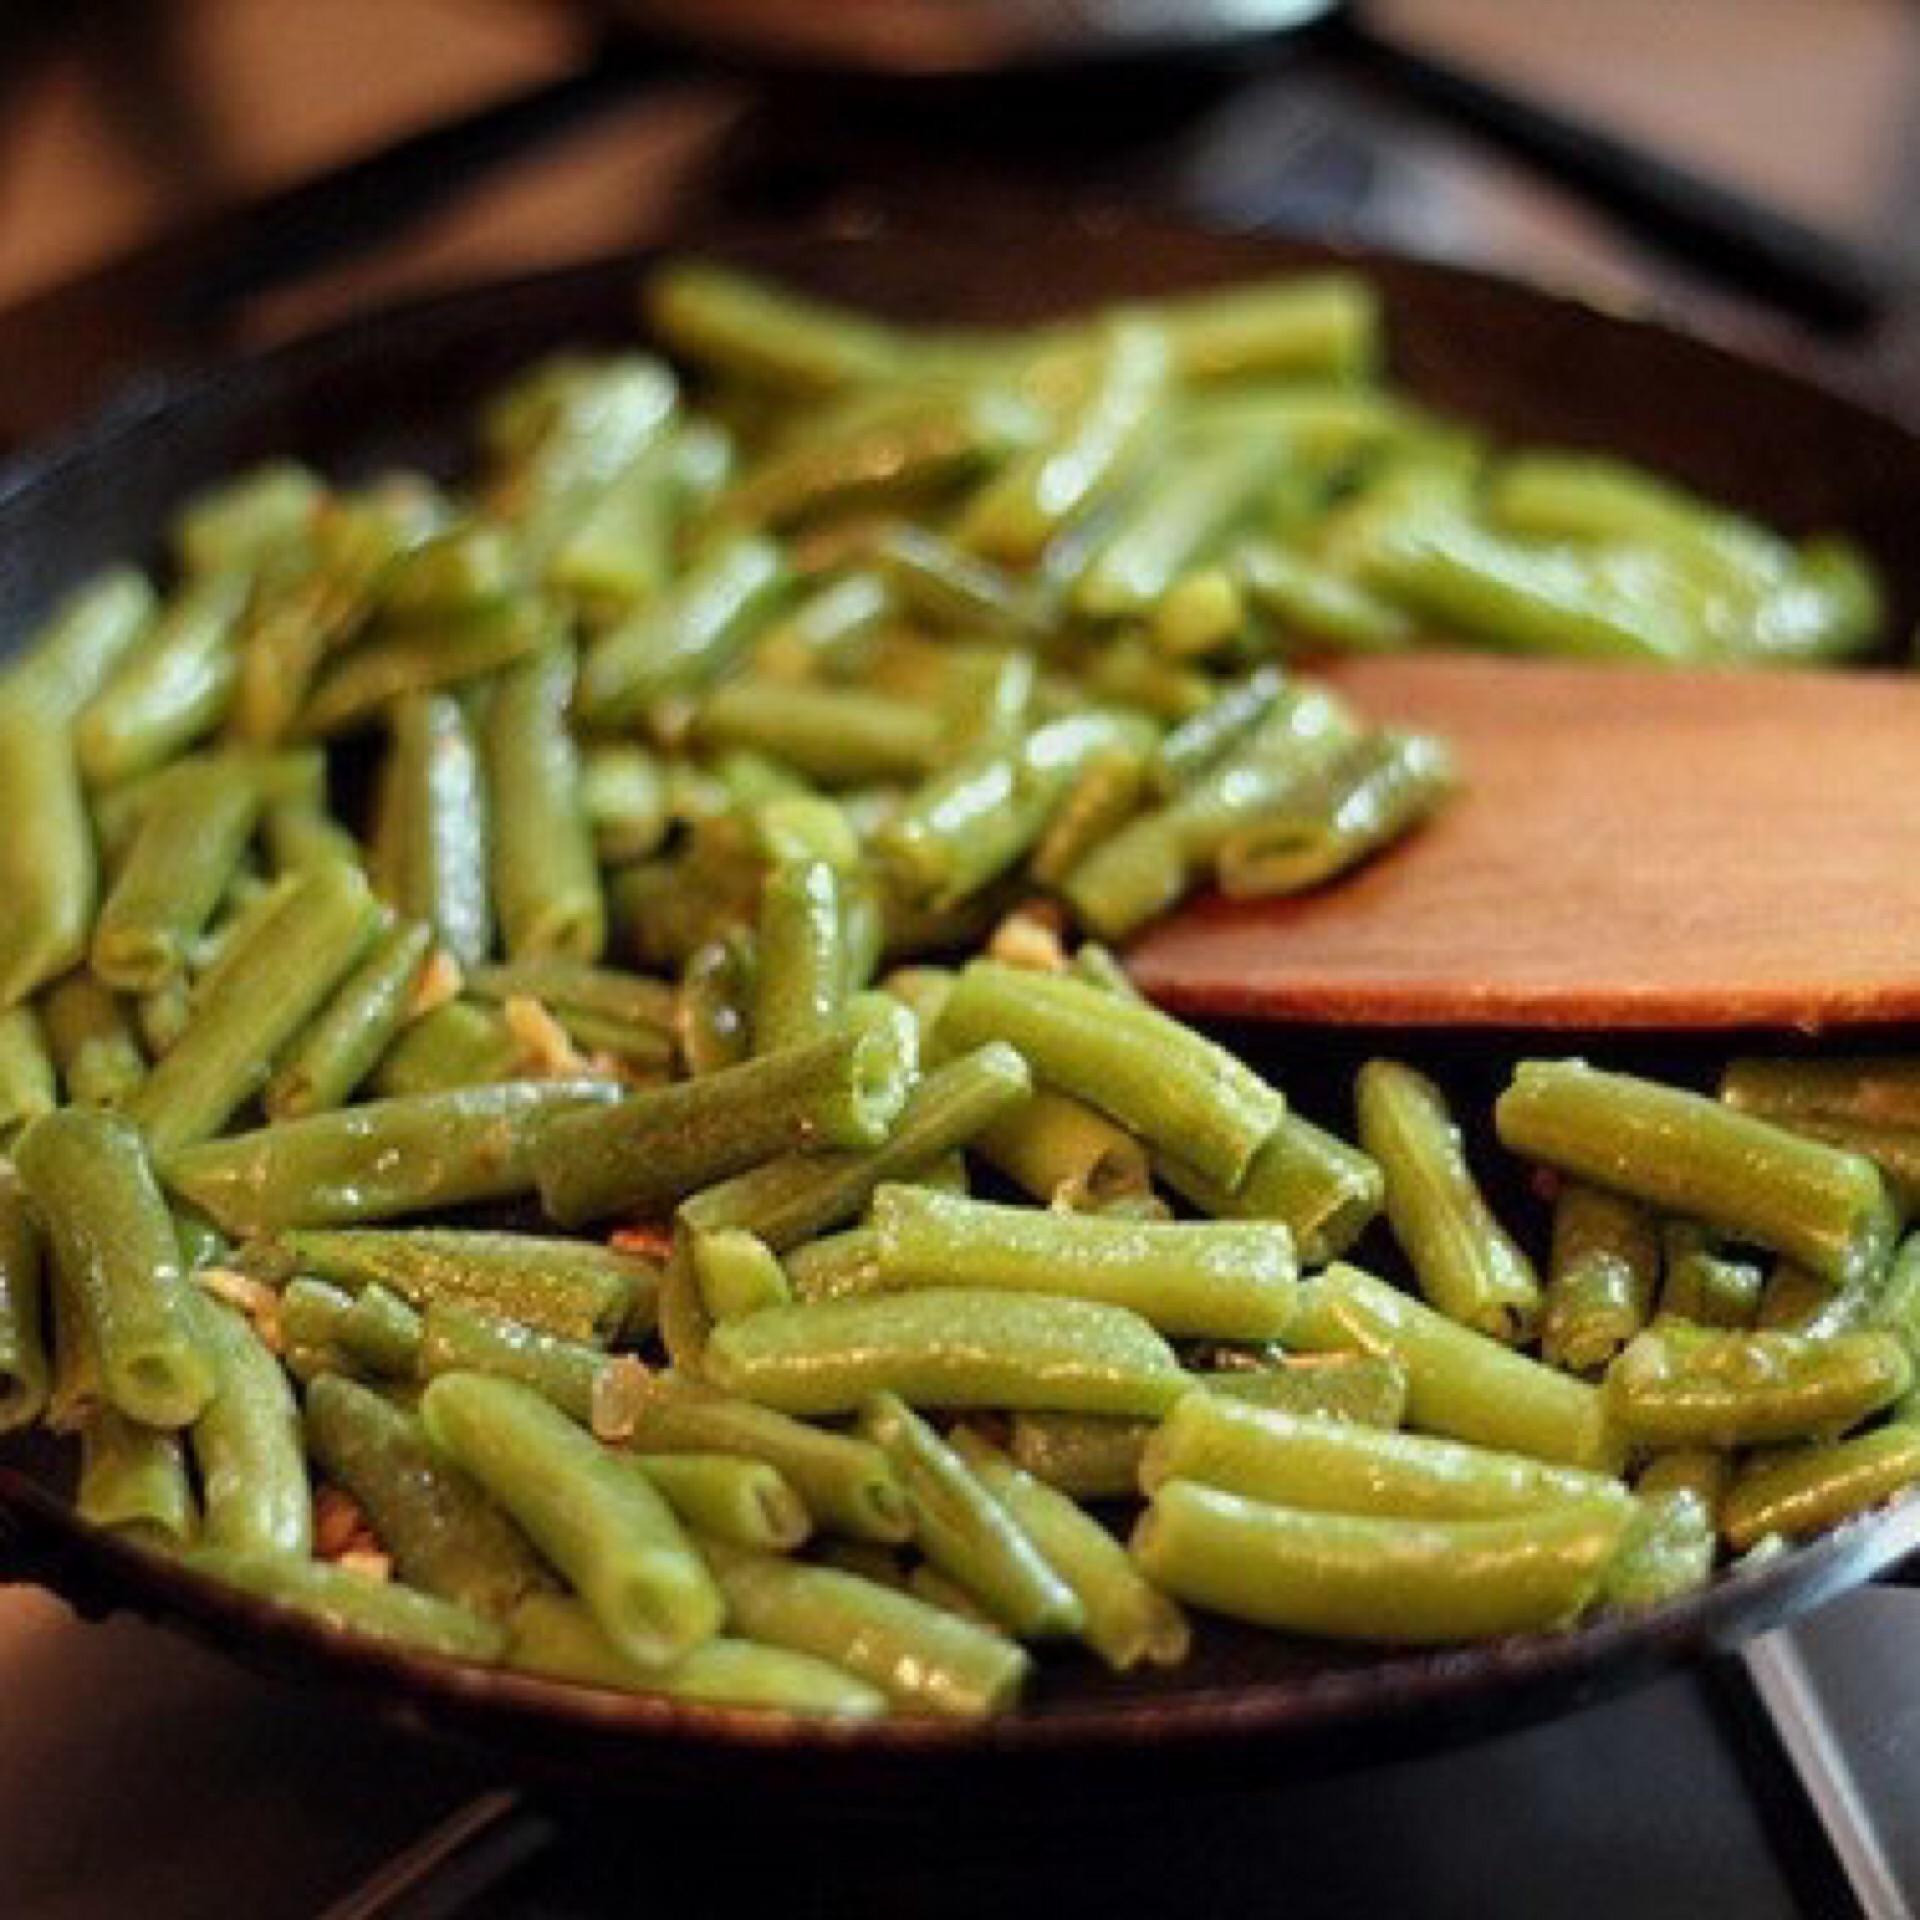 Некоторым хозяйкам не удается получить хрустящие зеленые стручки после тепловой обработки.быстрые и легкие способы: для любого блюда важно выбирать такие овощи, а не увядшие, мягкие с оттенком желтизны, иначе вкус еды может быть полностью испорчен.